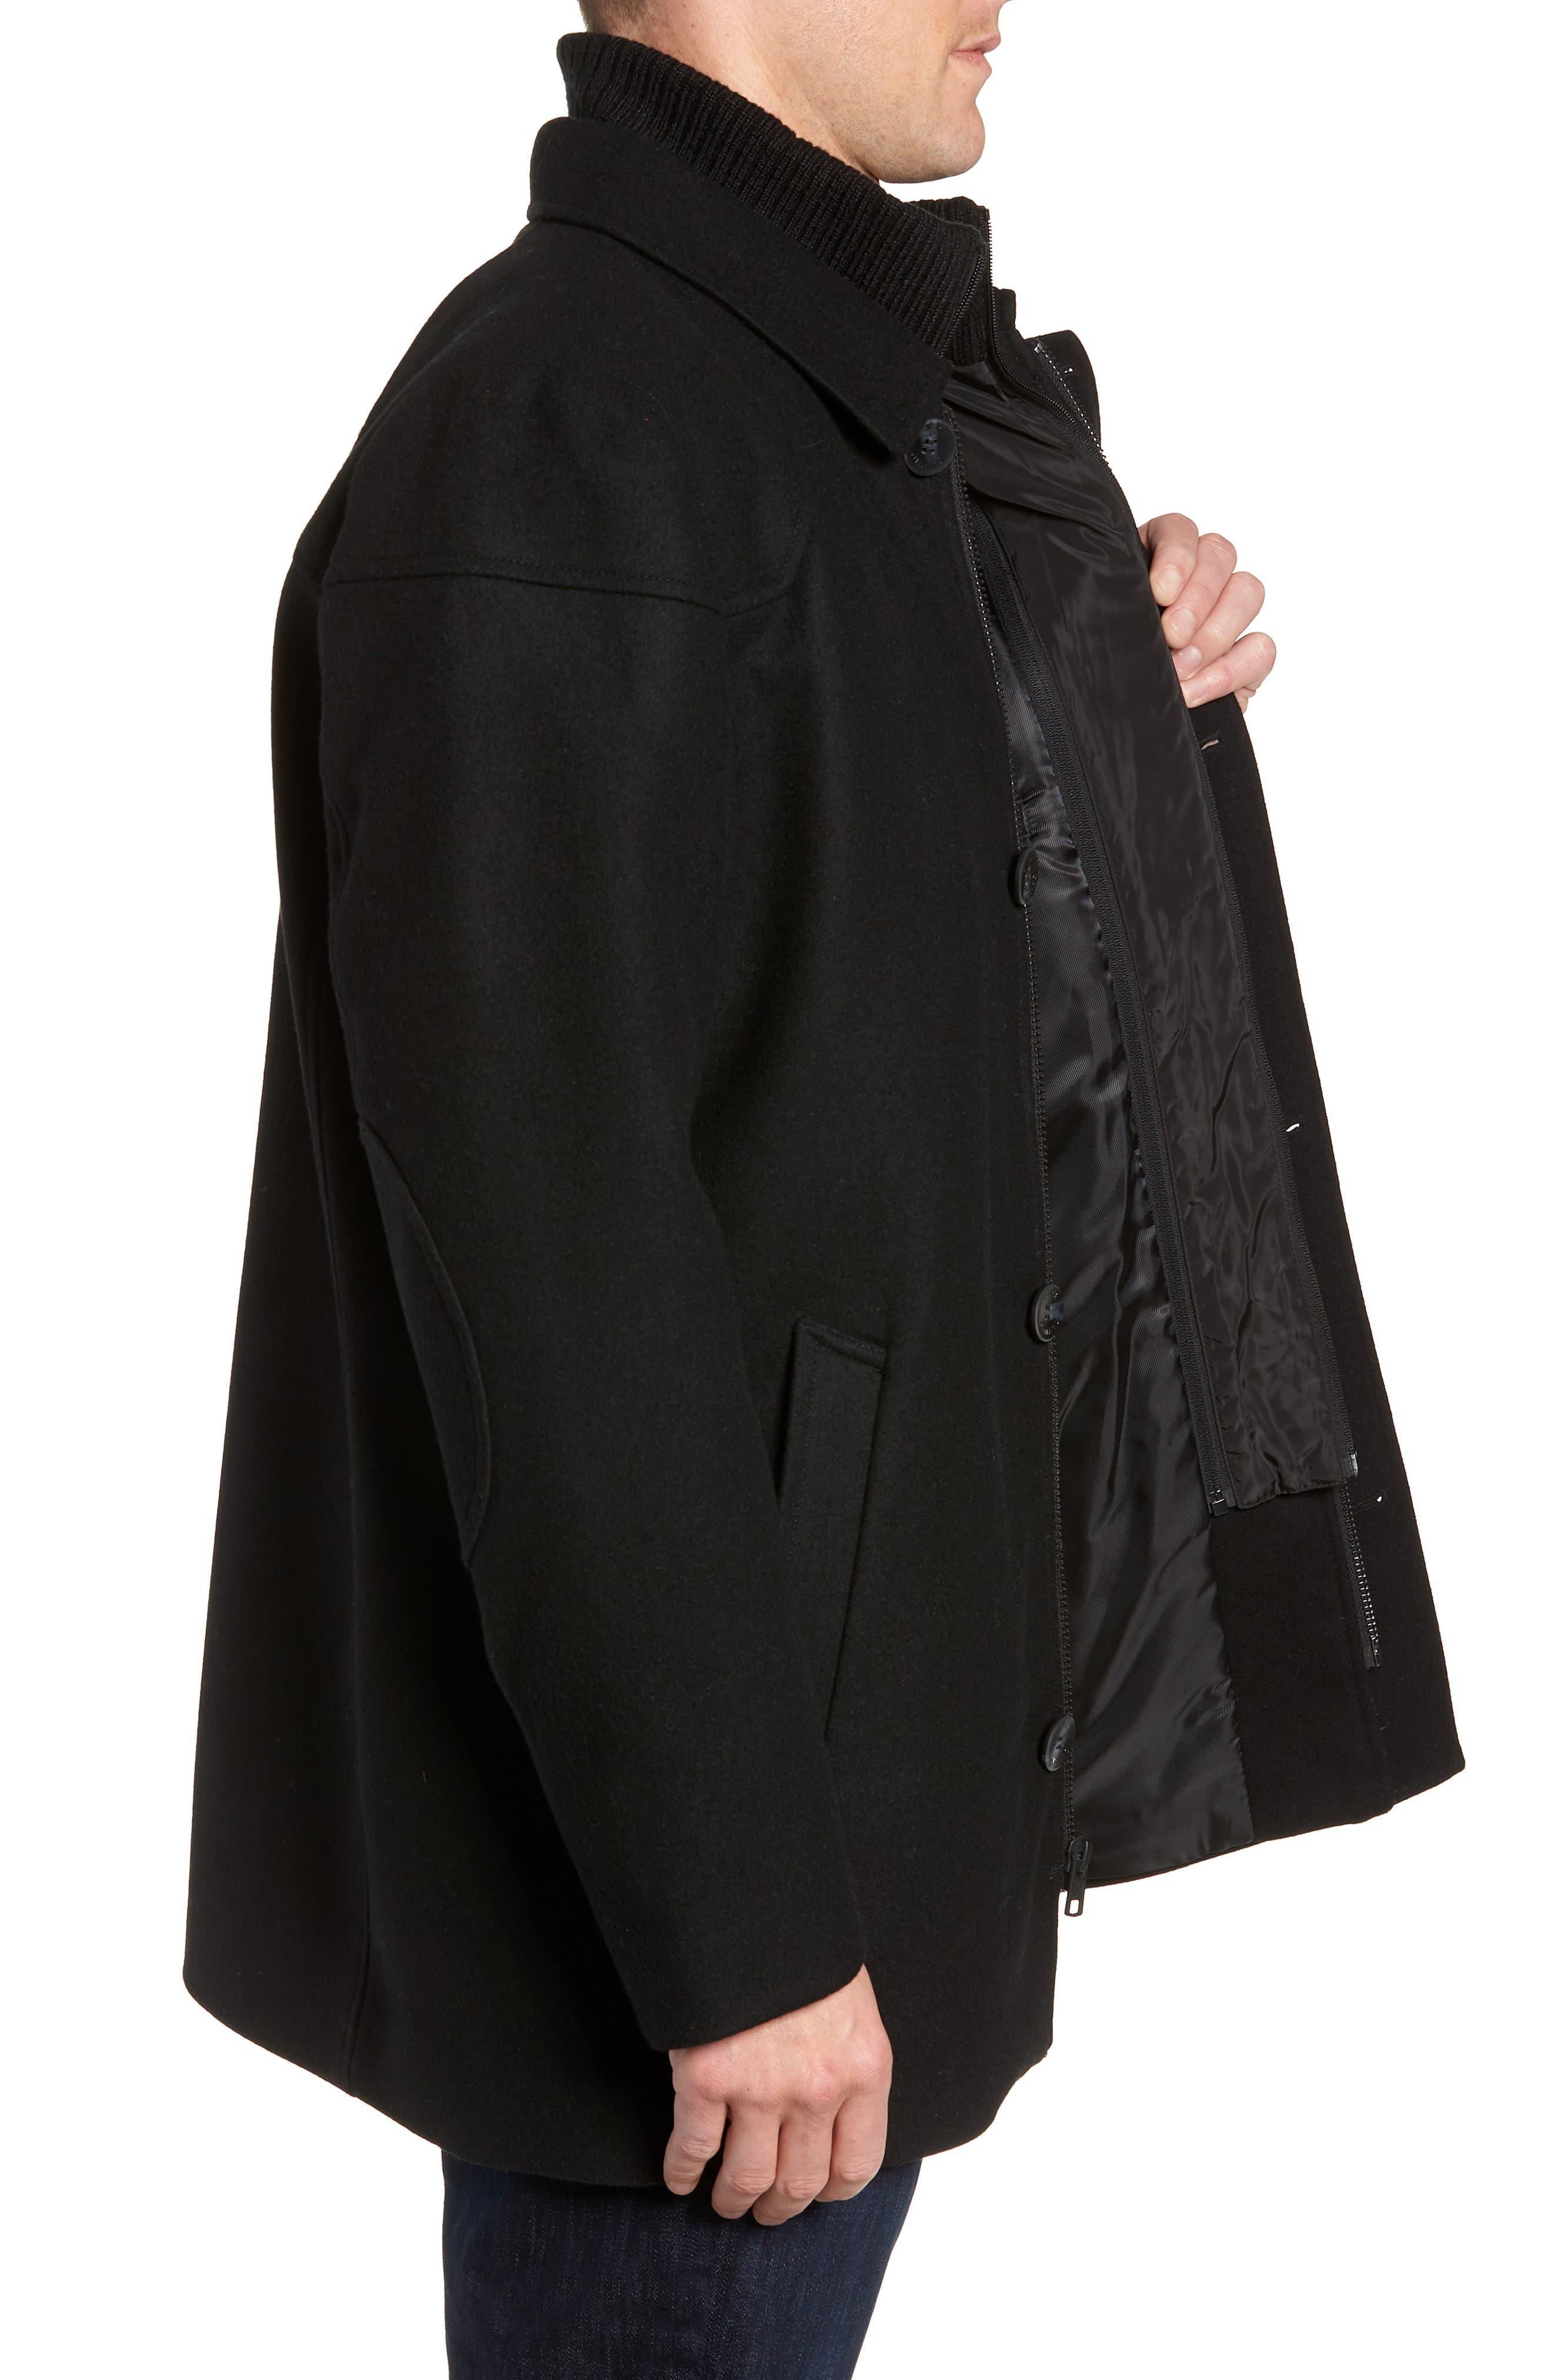 Melton Car Coat with Removable Bib,                             Alternate thumbnail 4, color,                             BLACK